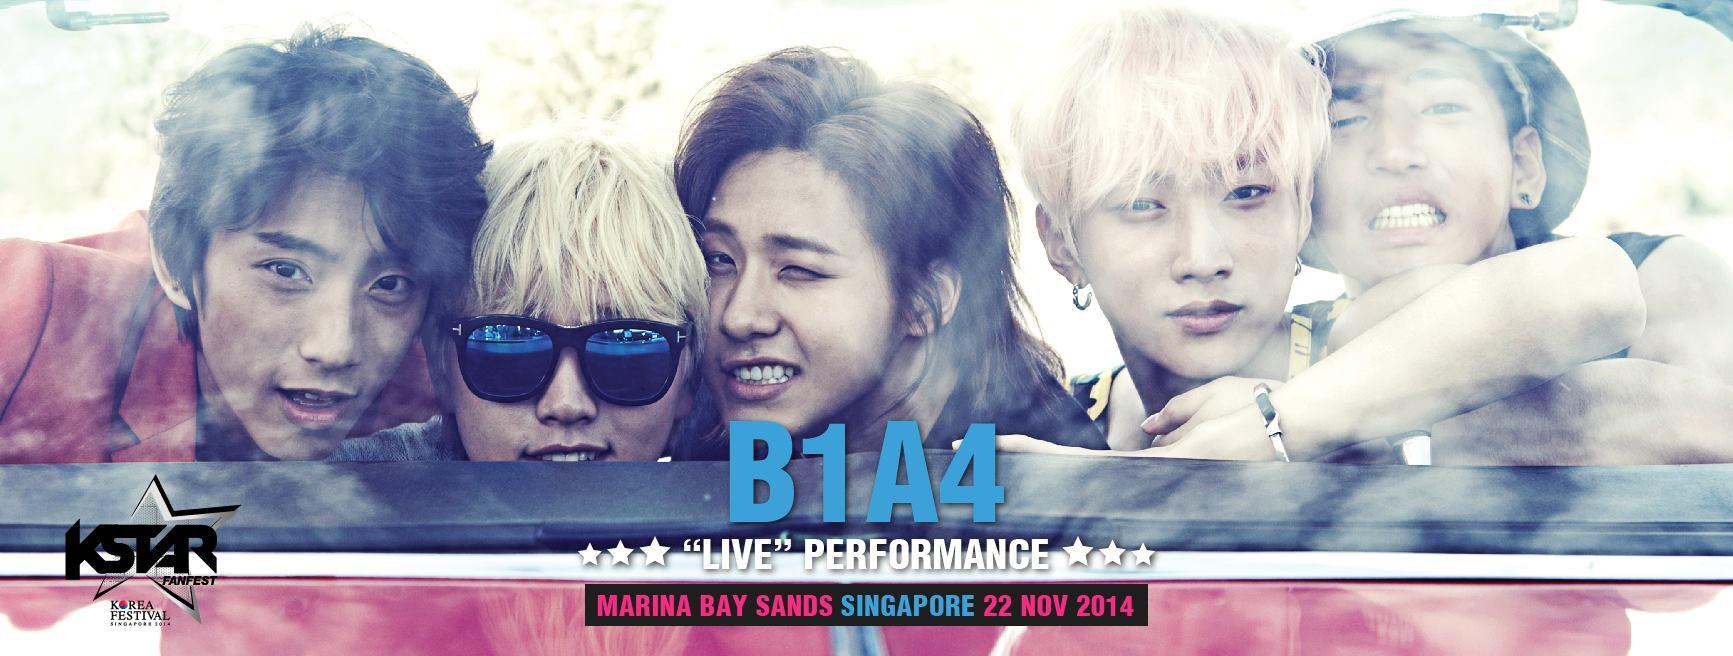 B1A4, K Star Fan Fest